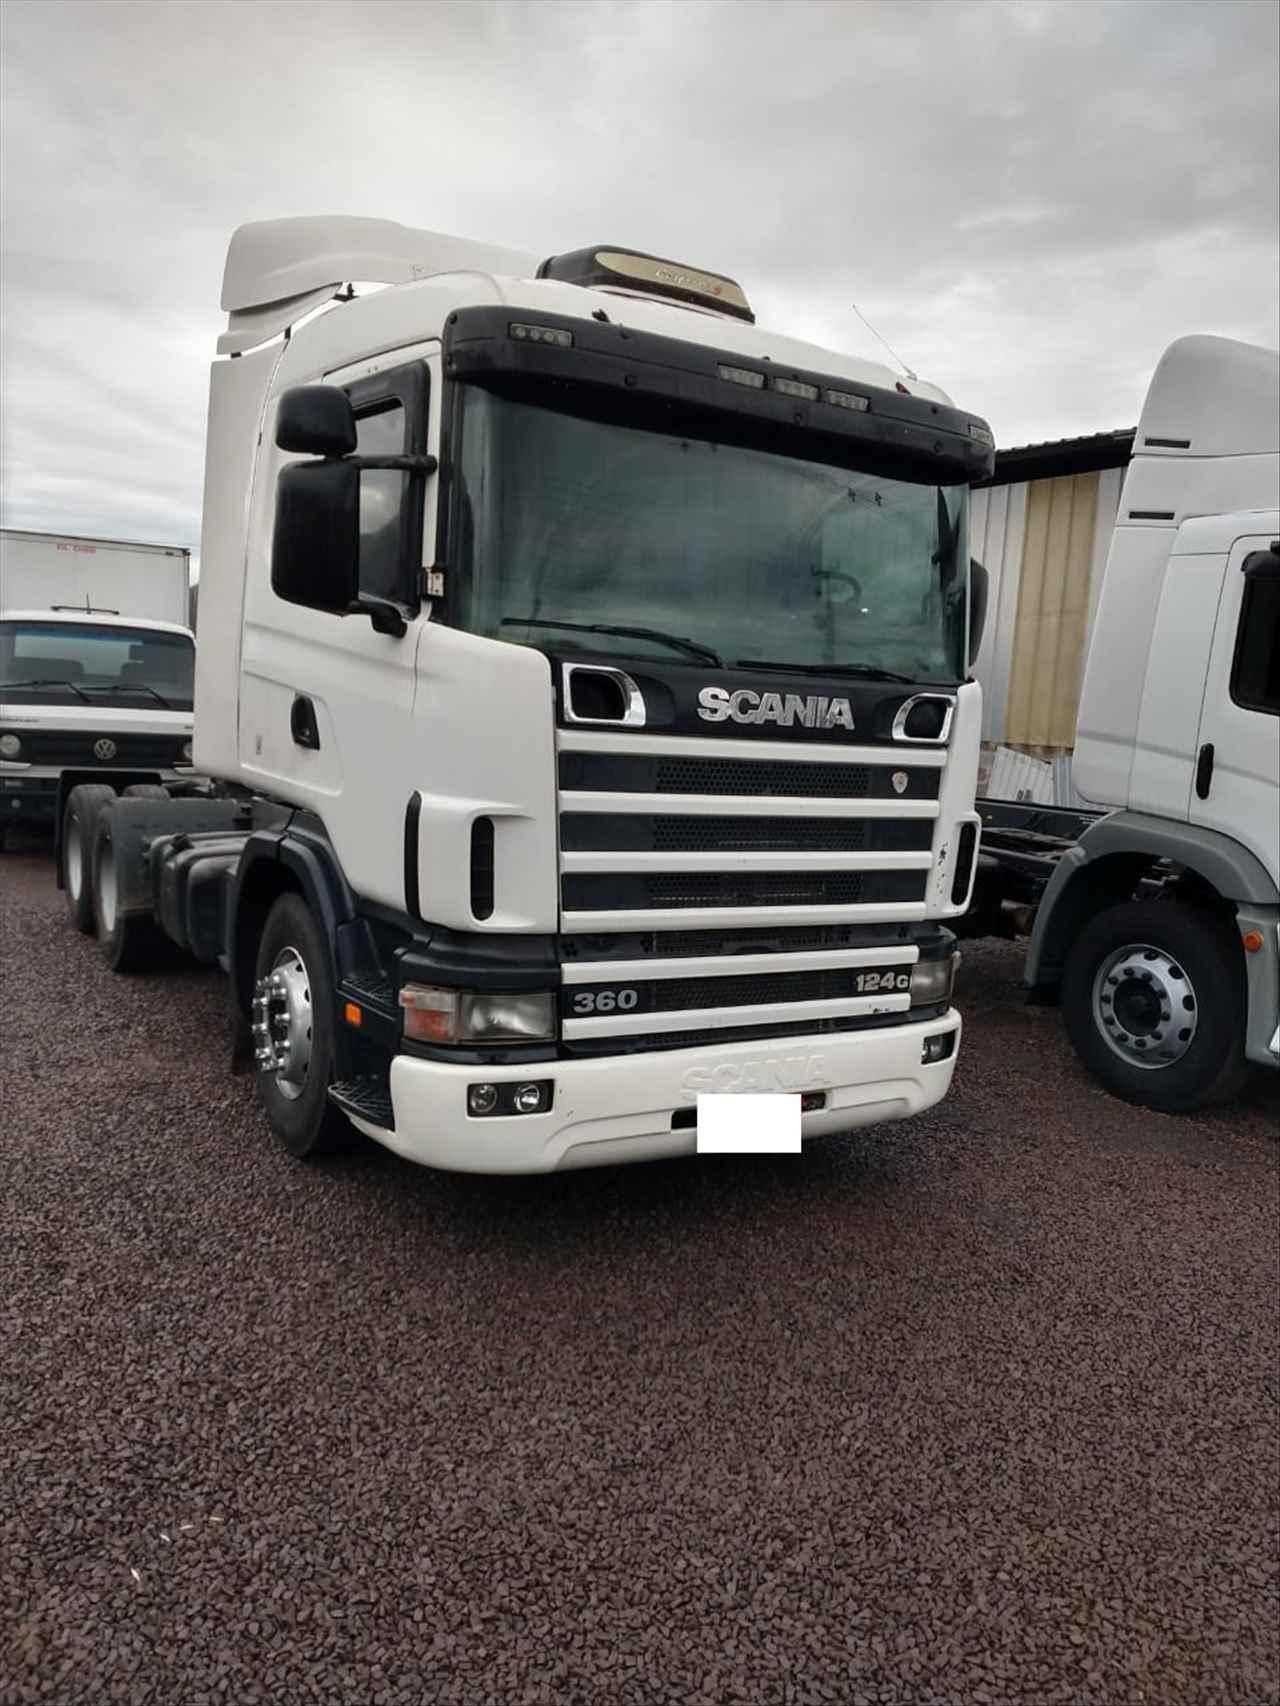 CAMINHAO SCANIA SCANIA 124 360 Cavalo Mecânico Truck 6x2 Transmap Caminhões SANTA ROSA RIO GRANDE DO SUL RS